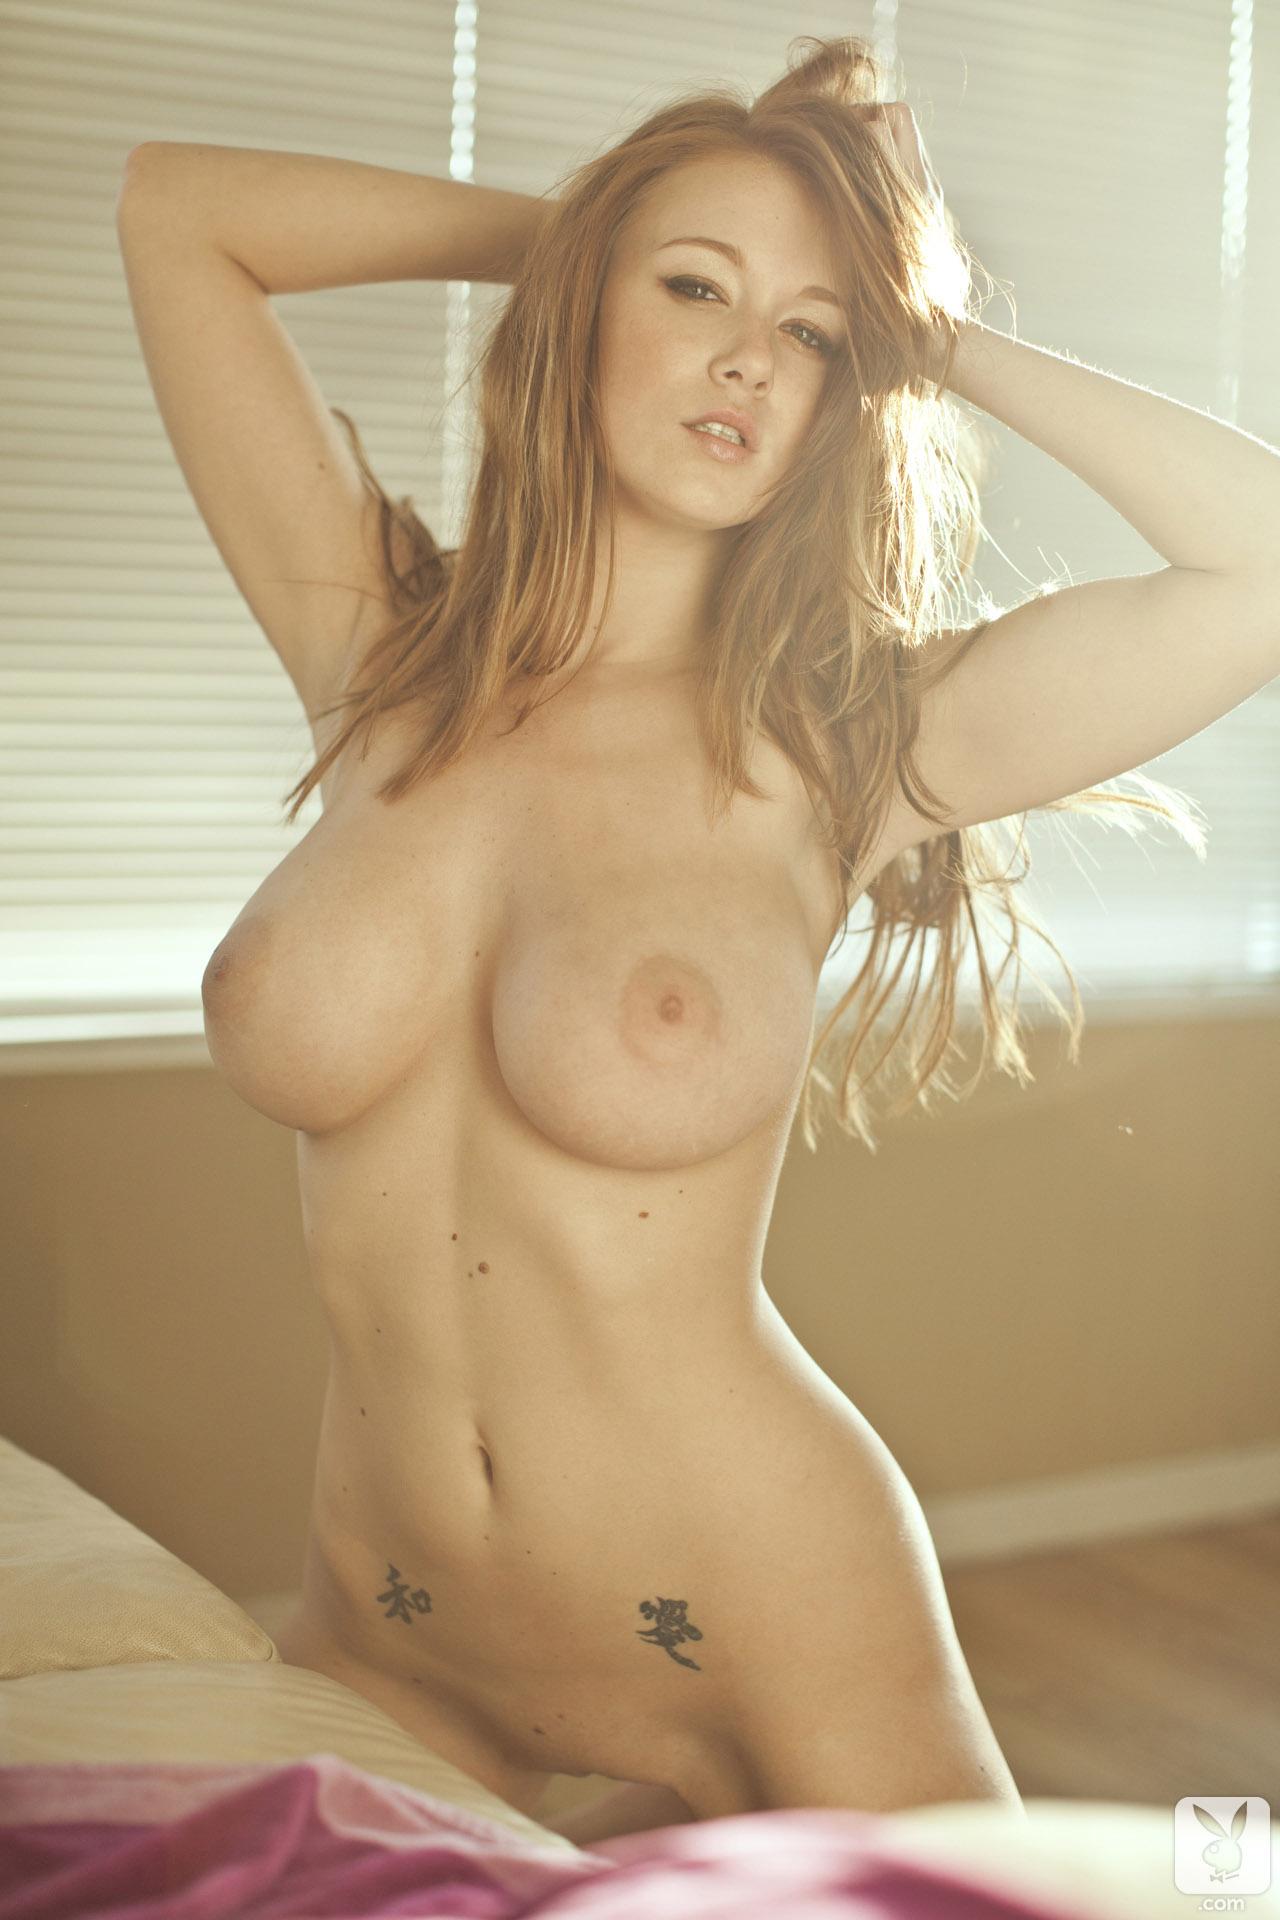 Пышные грудастые голые девушки онлайн 17 фотография